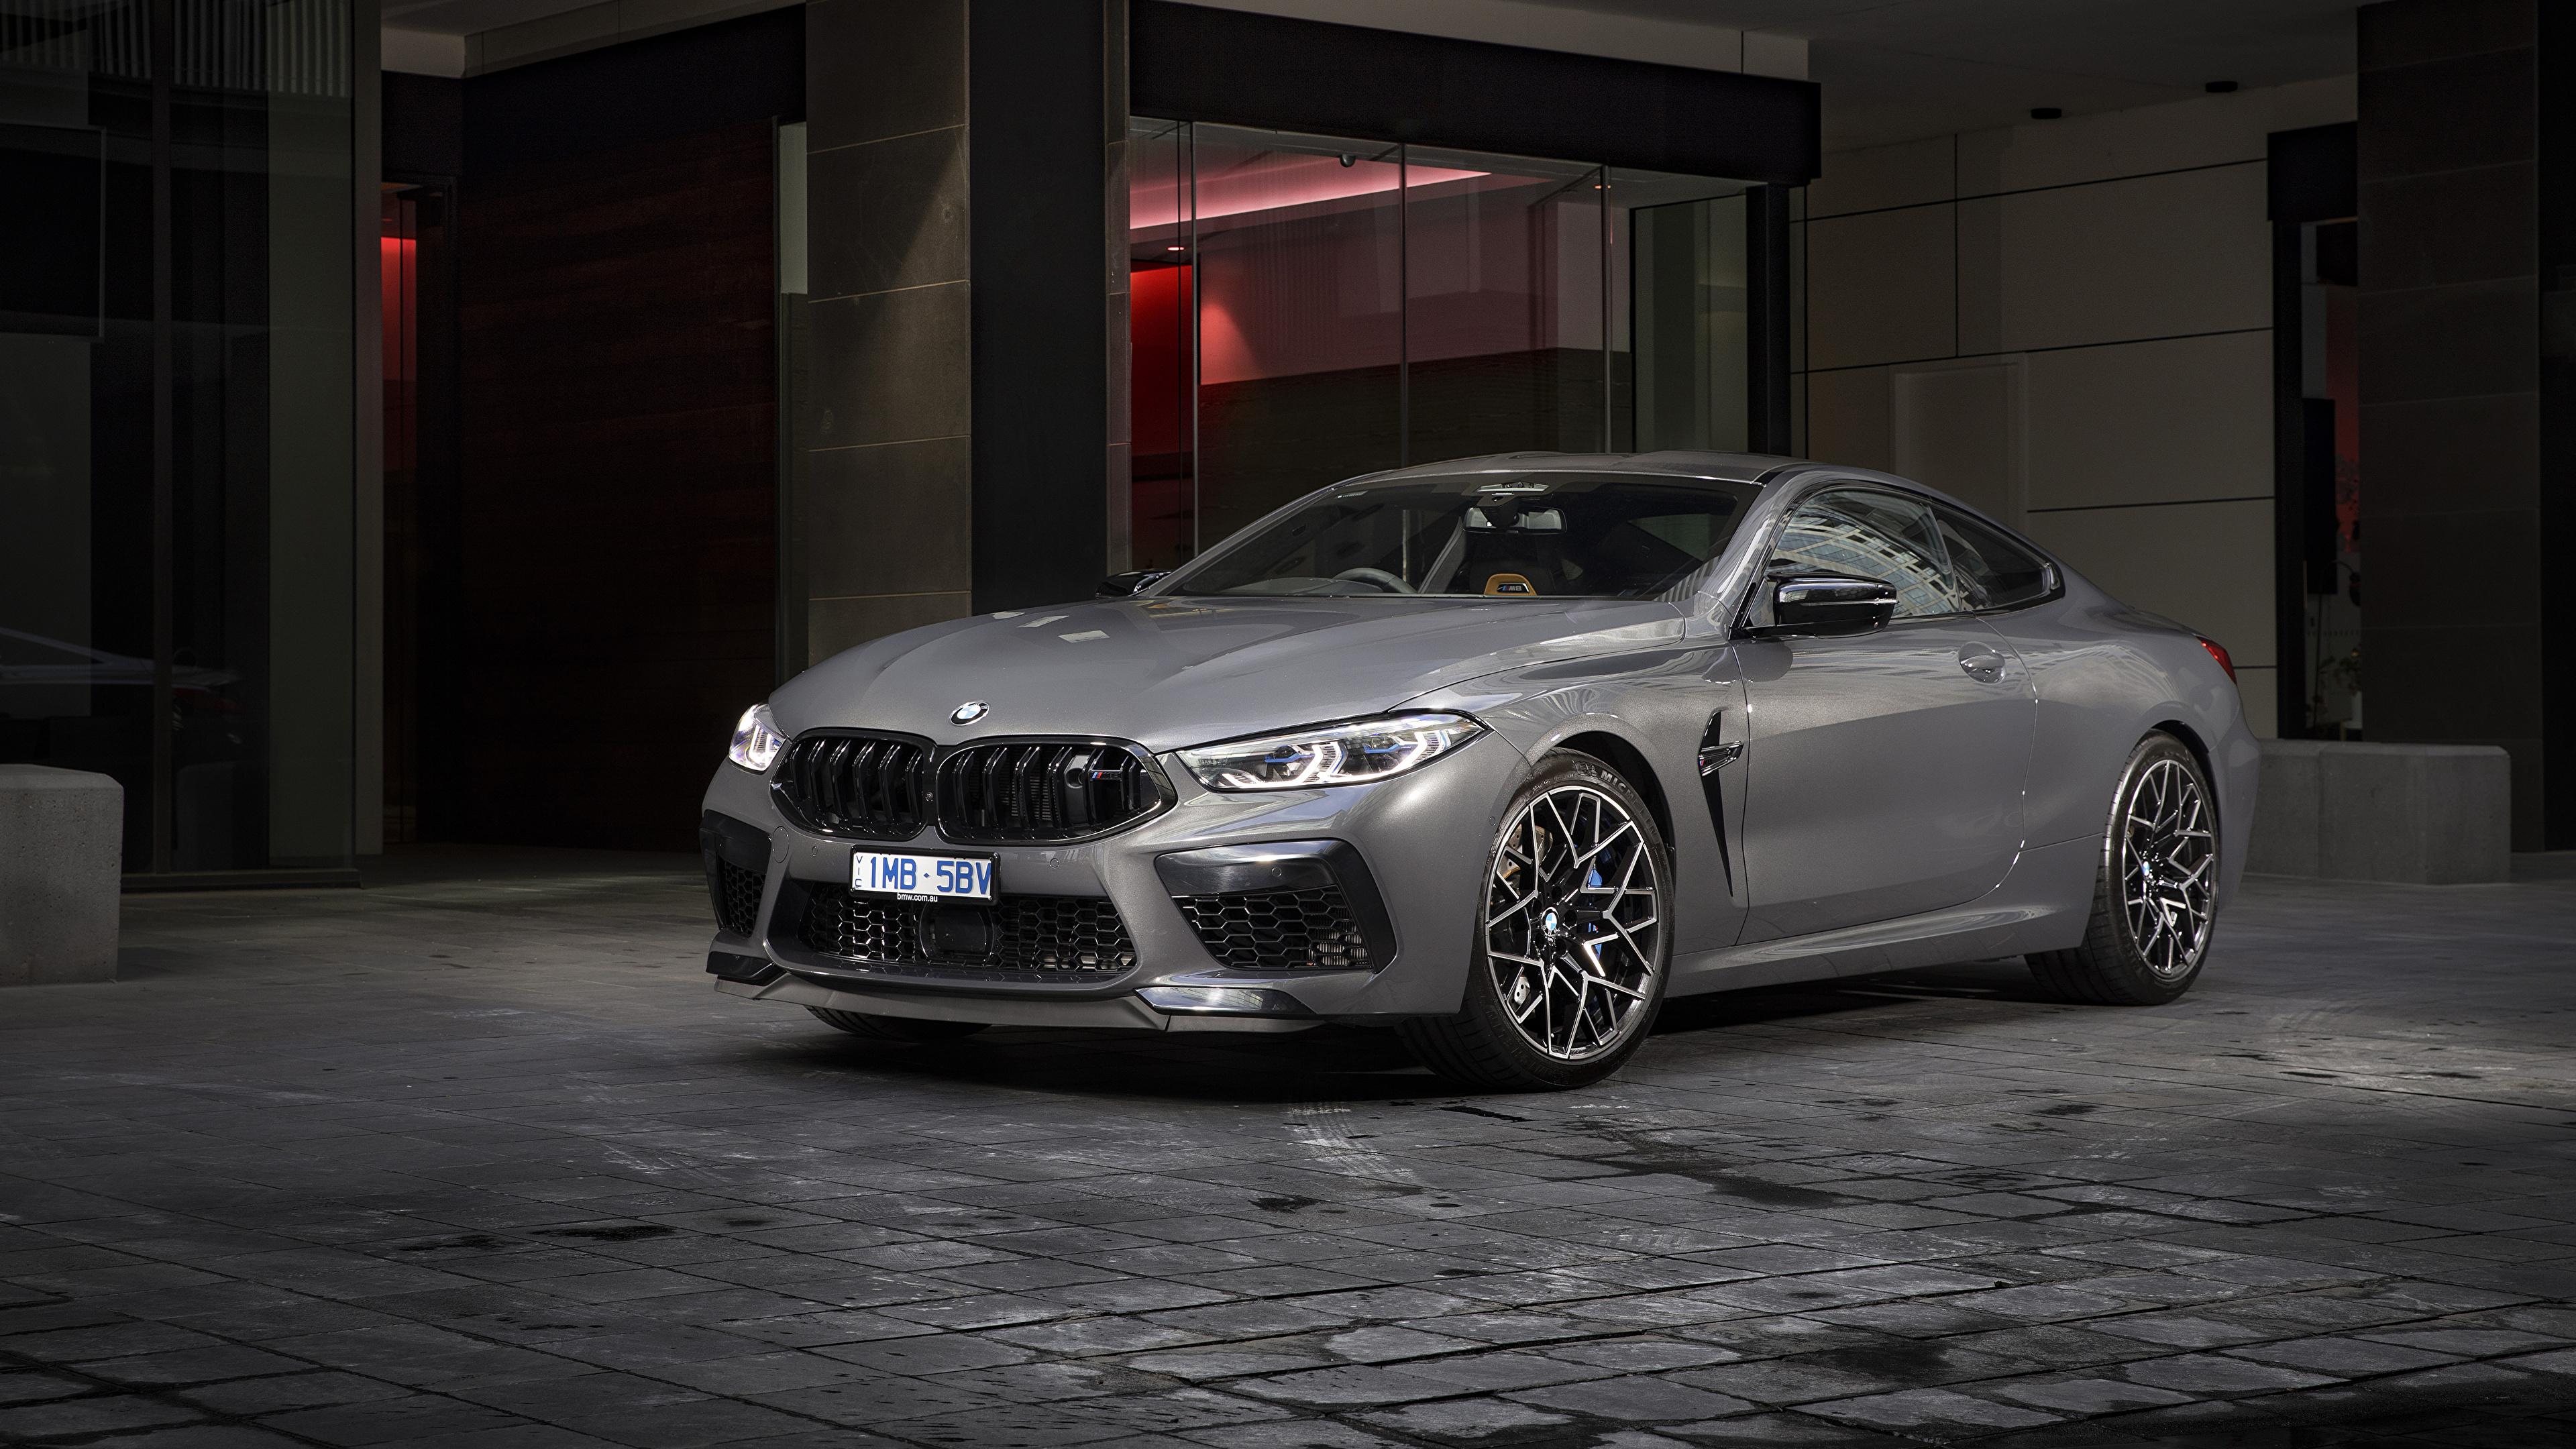 Обои для рабочего стола BMW 2020 M8 Competition Coupé Купе серая авто 3840x2160 БМВ Серый серые машина машины Автомобили автомобиль